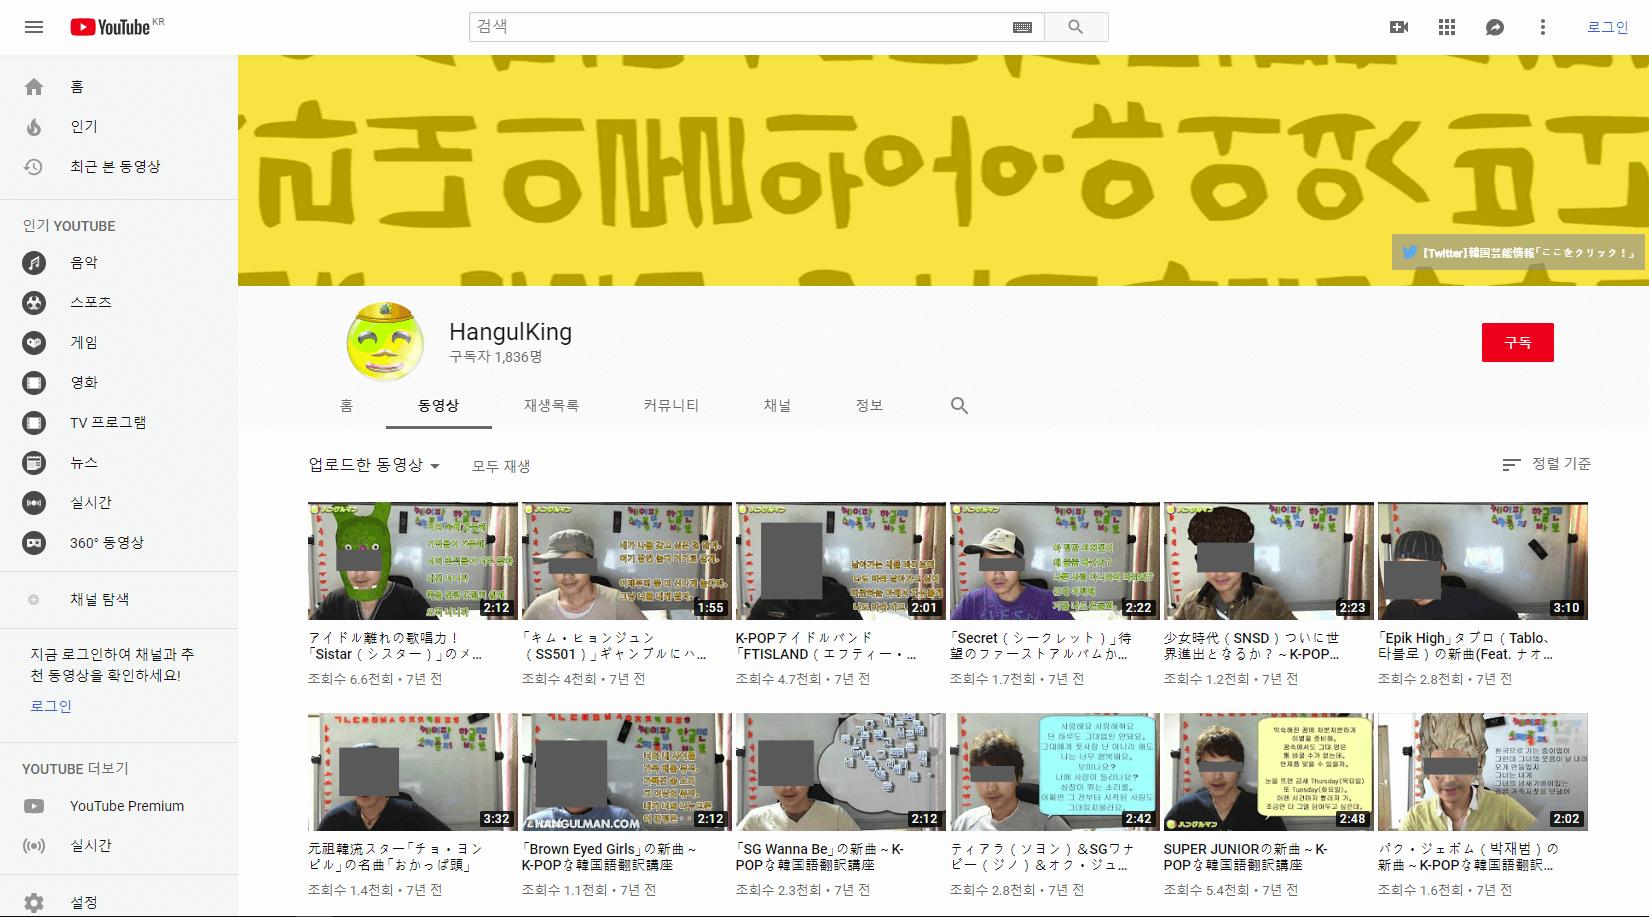 유튜버 실패사례1-2011년